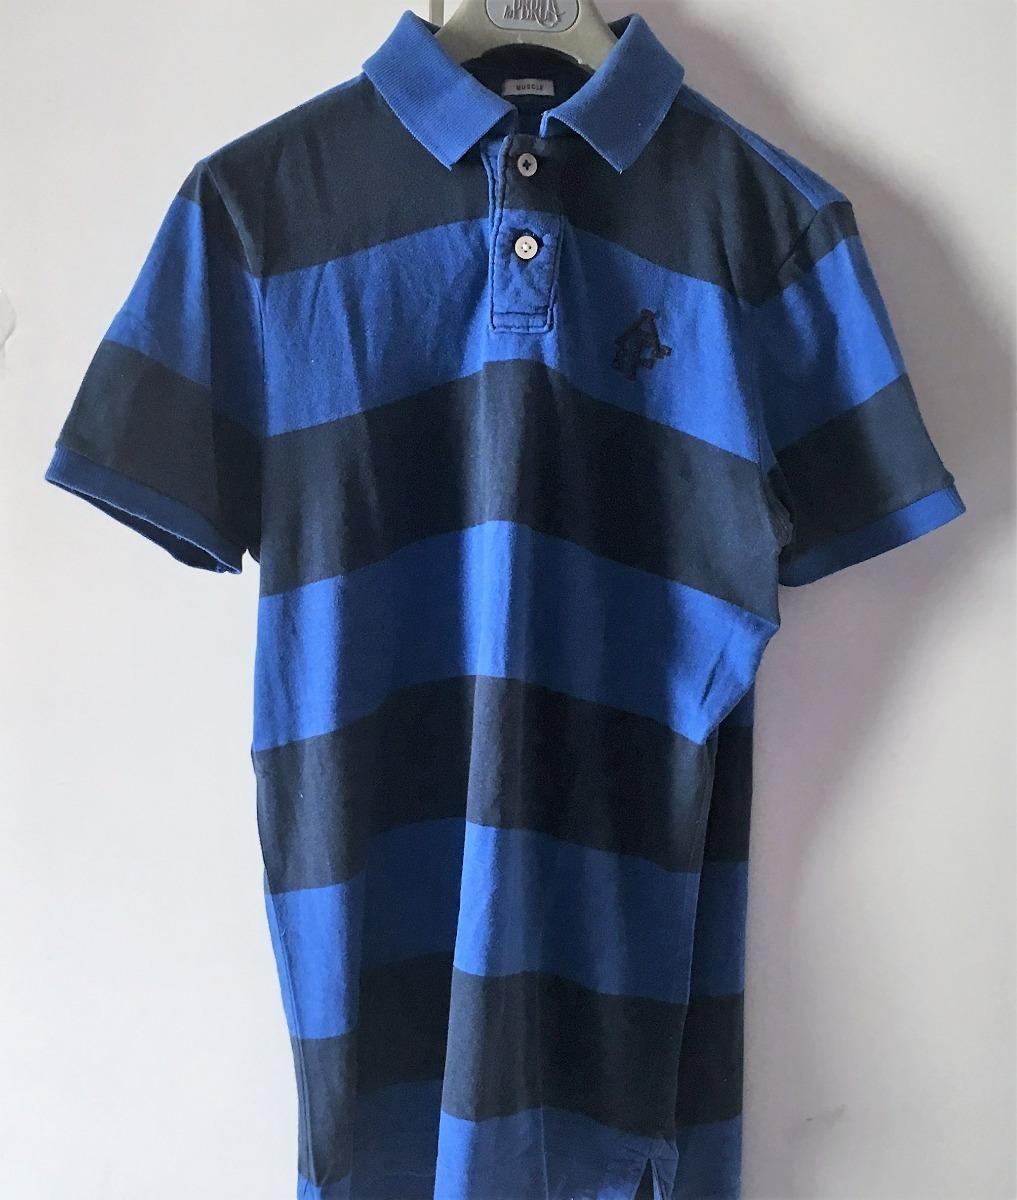 camisa abercrombie e fitch gola polo azul 2 tons l. Carregando zoom. 3e7244362dec4